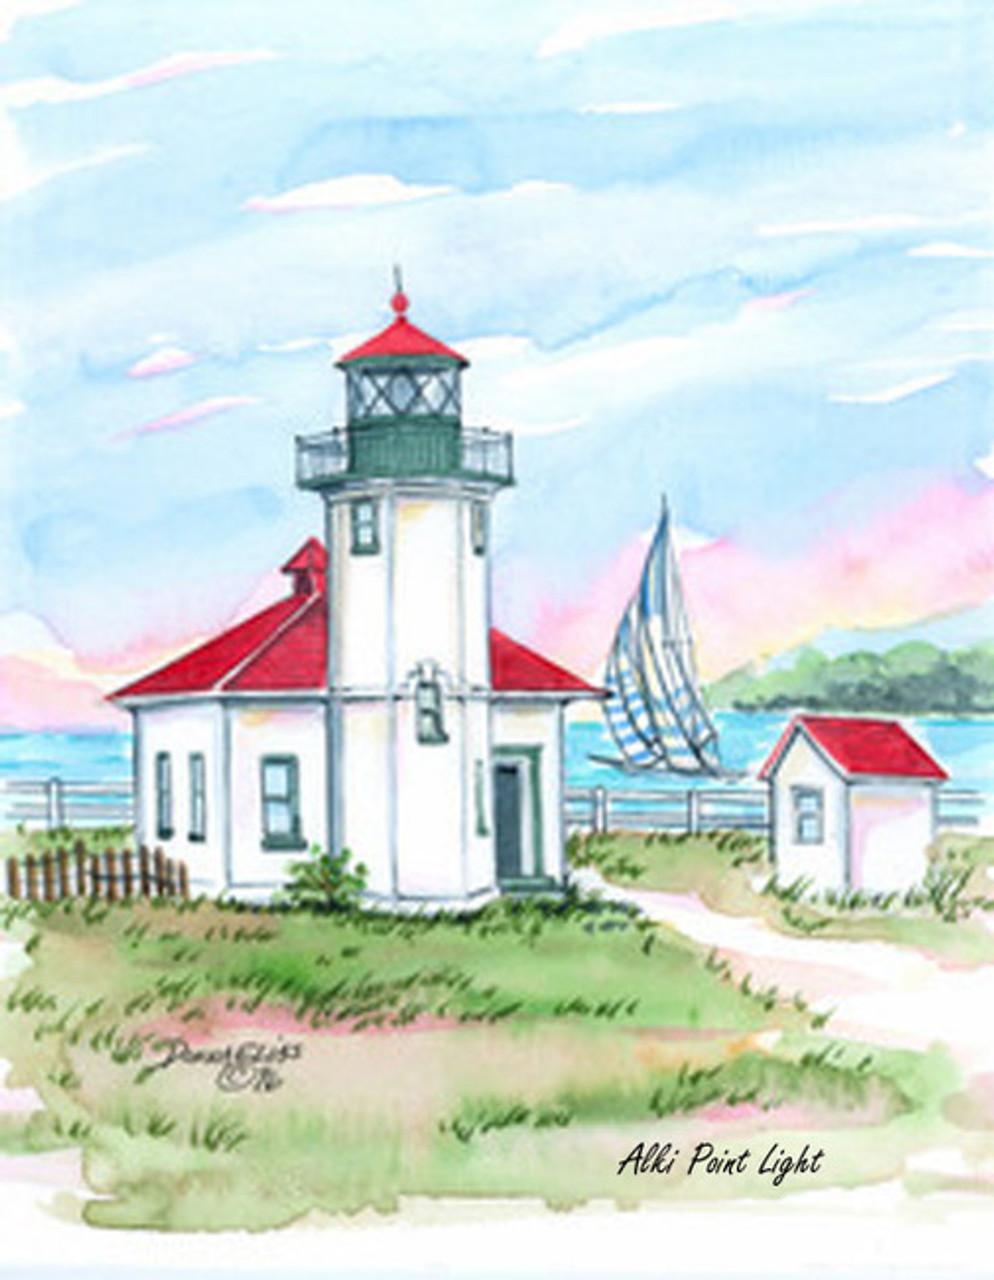 Alki Point Lighthouse copyright Donna Elias